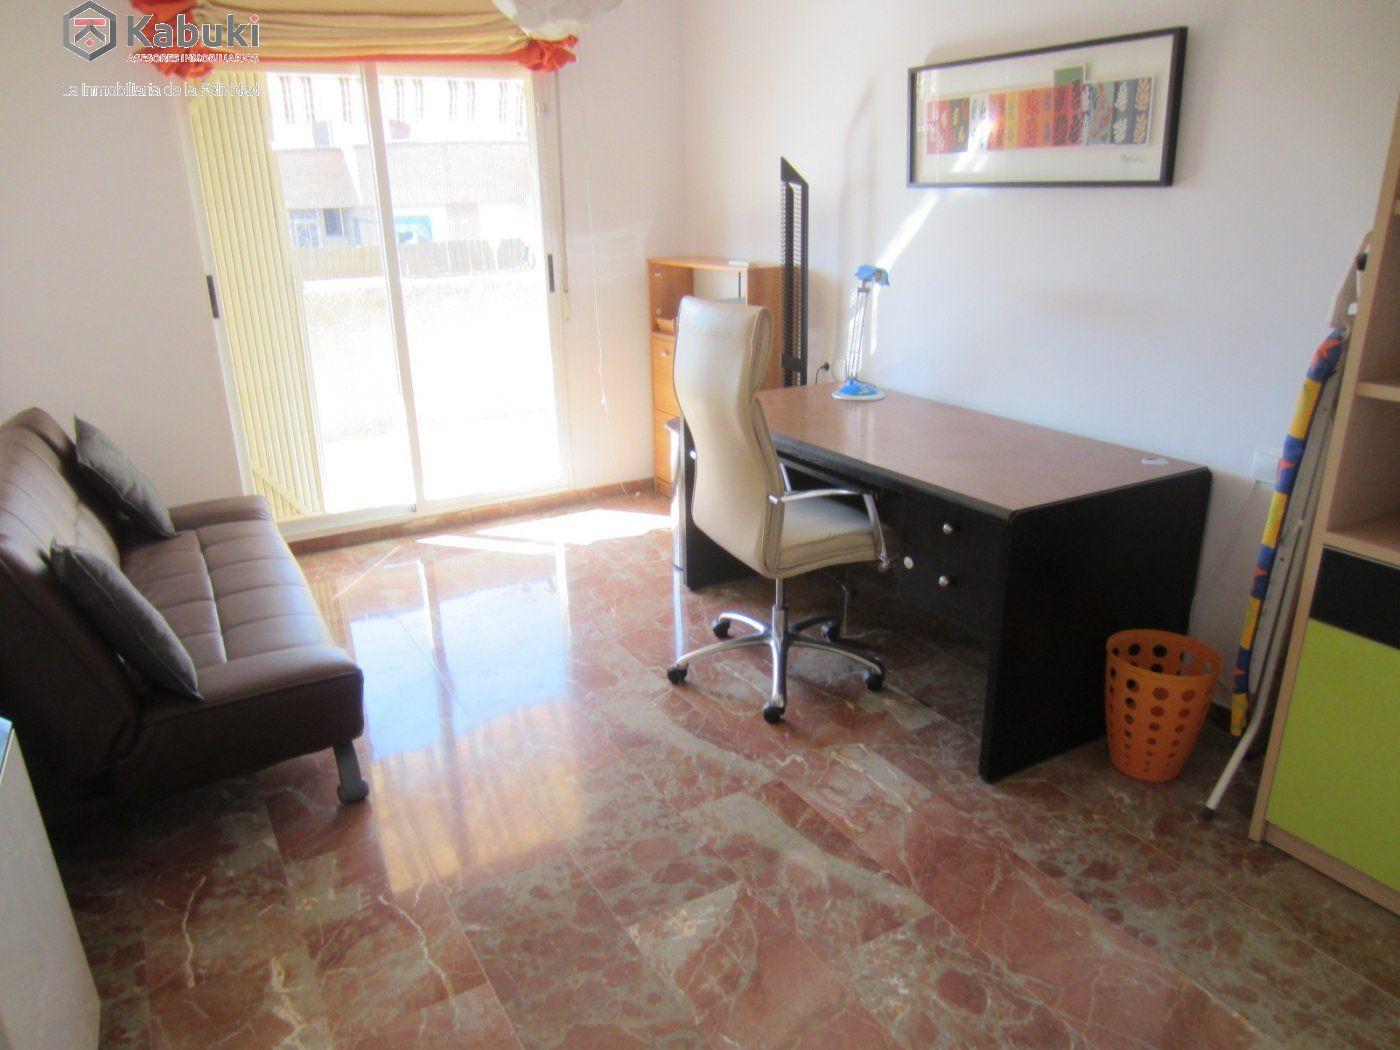 Ático con vistas despejadas en zona residencial, 3 dormitorios, inmejorables calidades - imagenInmueble7